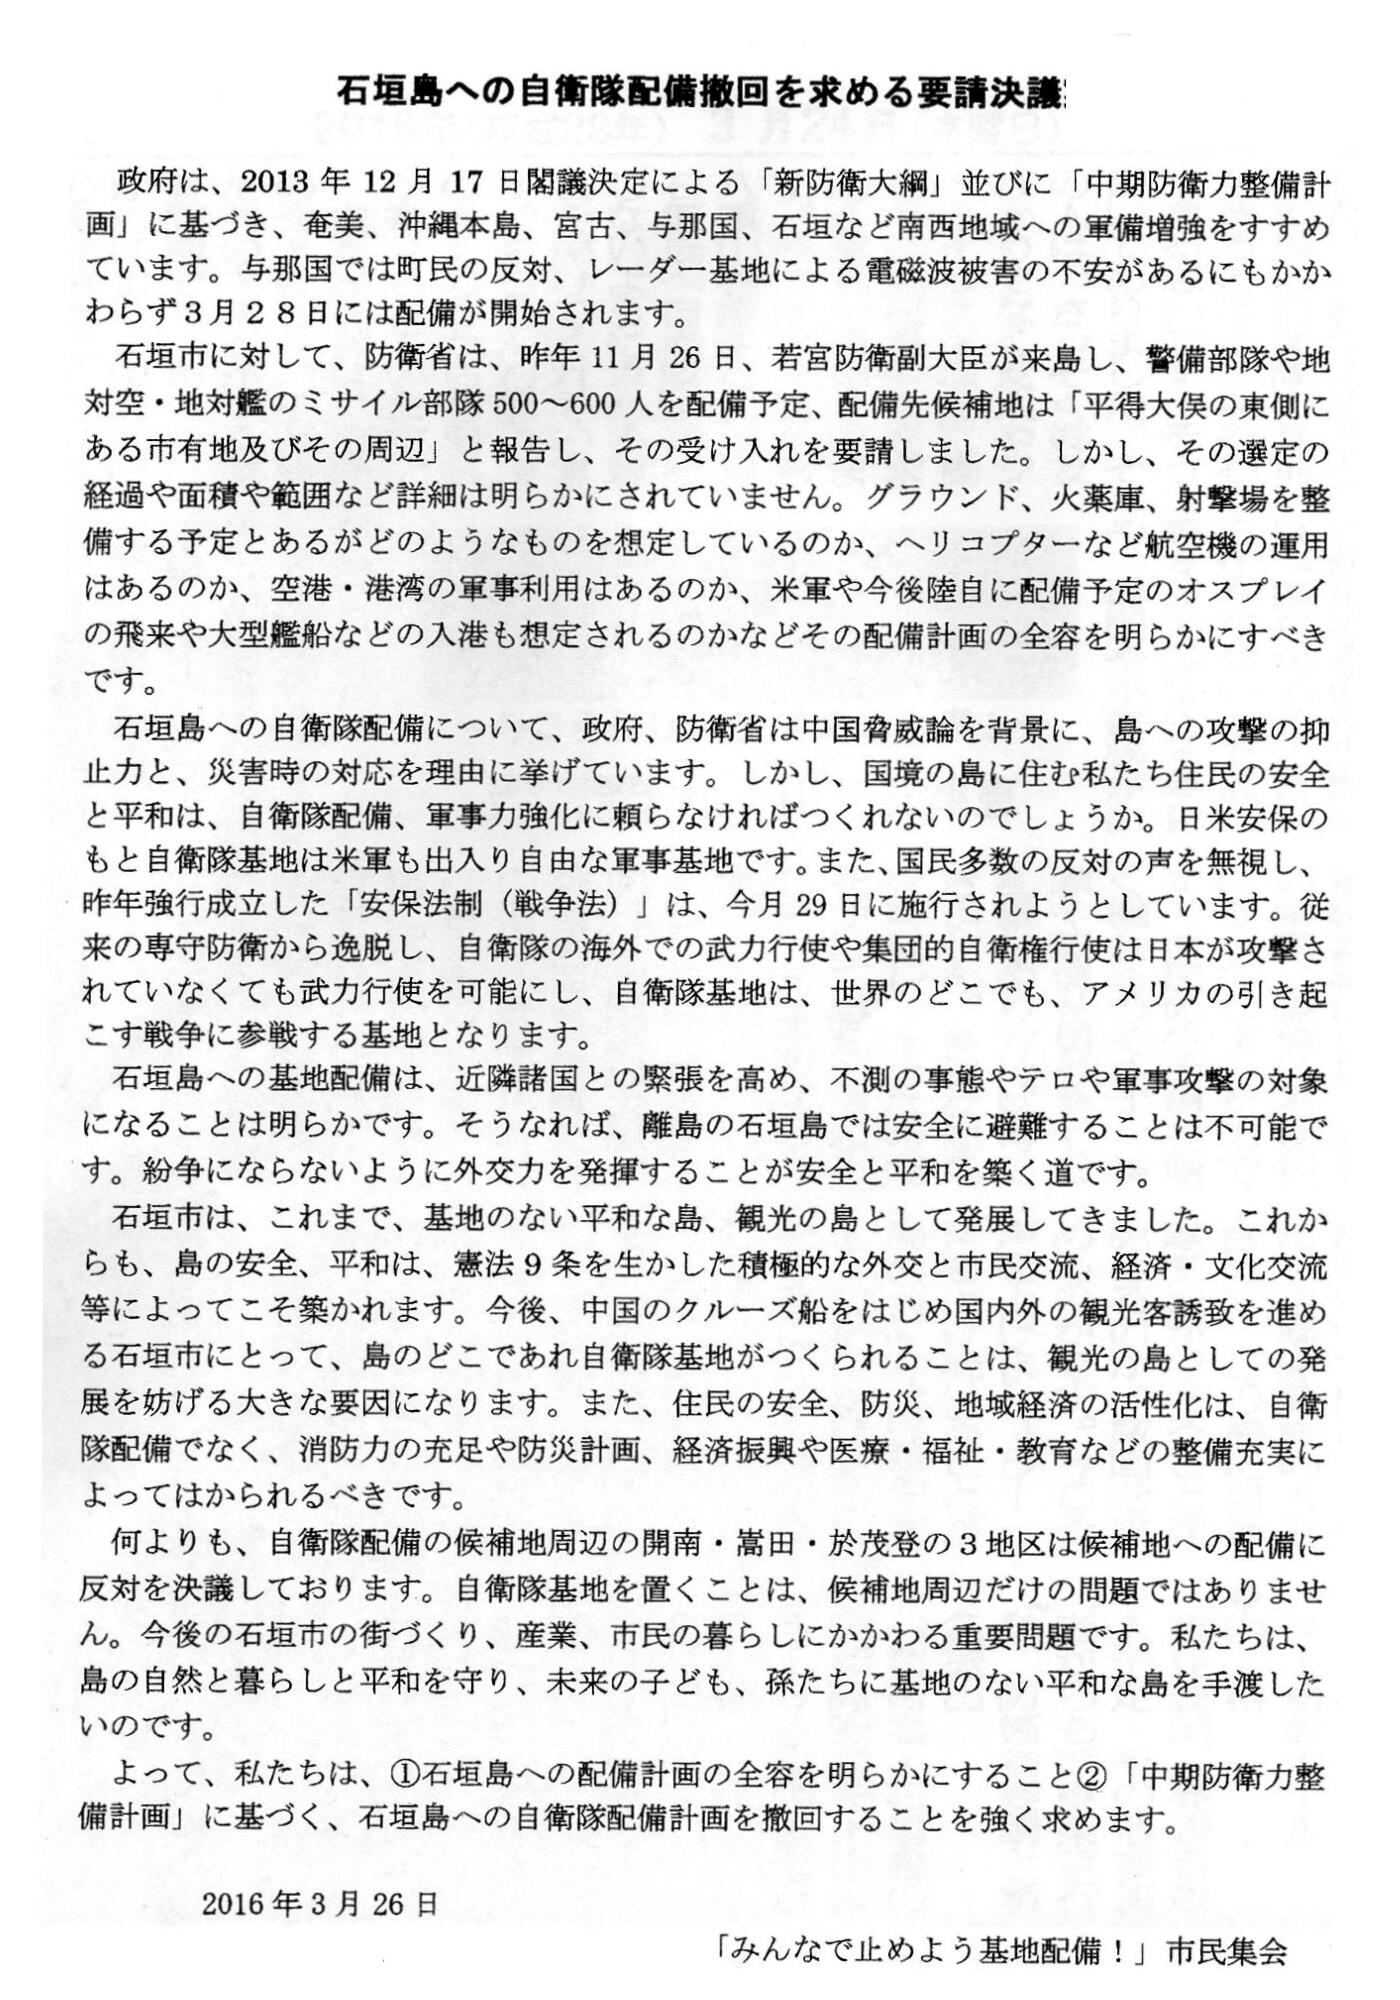 石垣集会決議